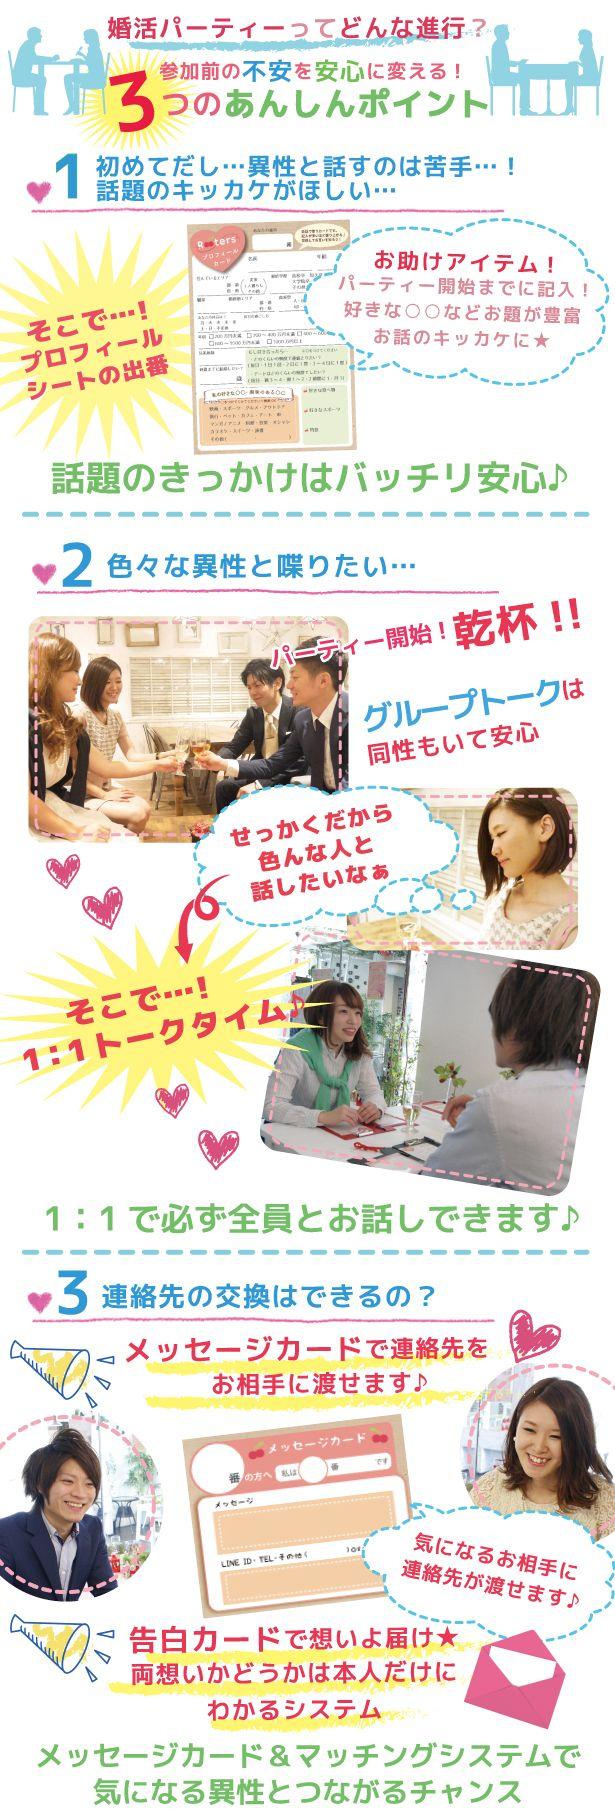 ジャパンHTML_婚活パーティ説明